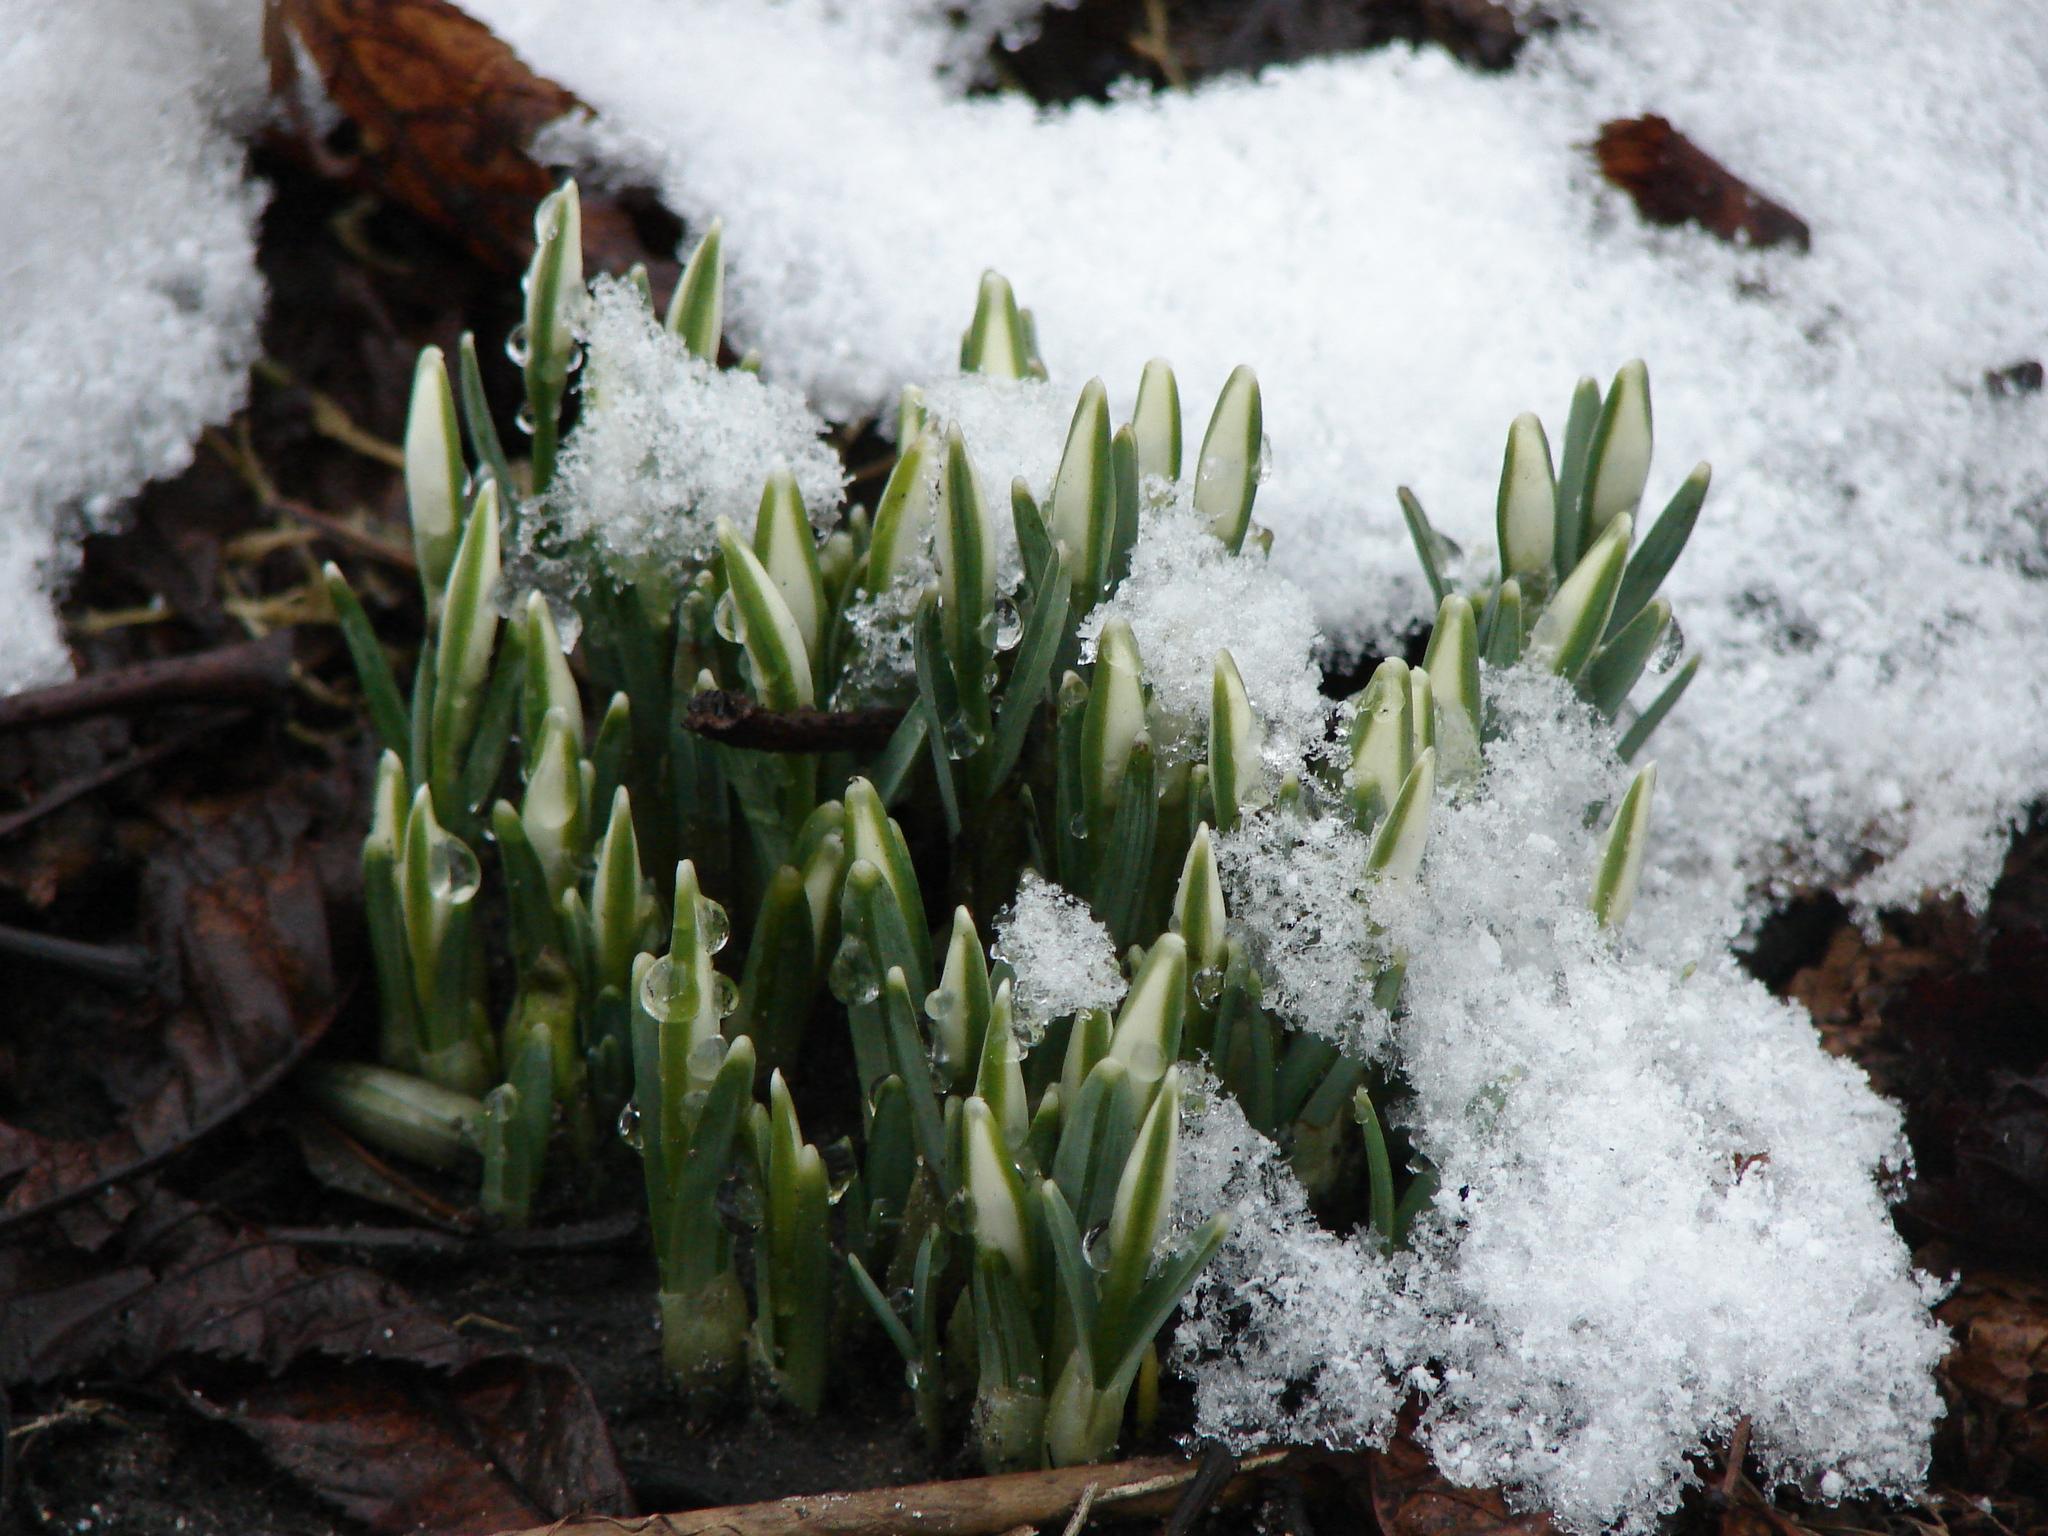 была картинки холодный апрель представляют сбой ящериц